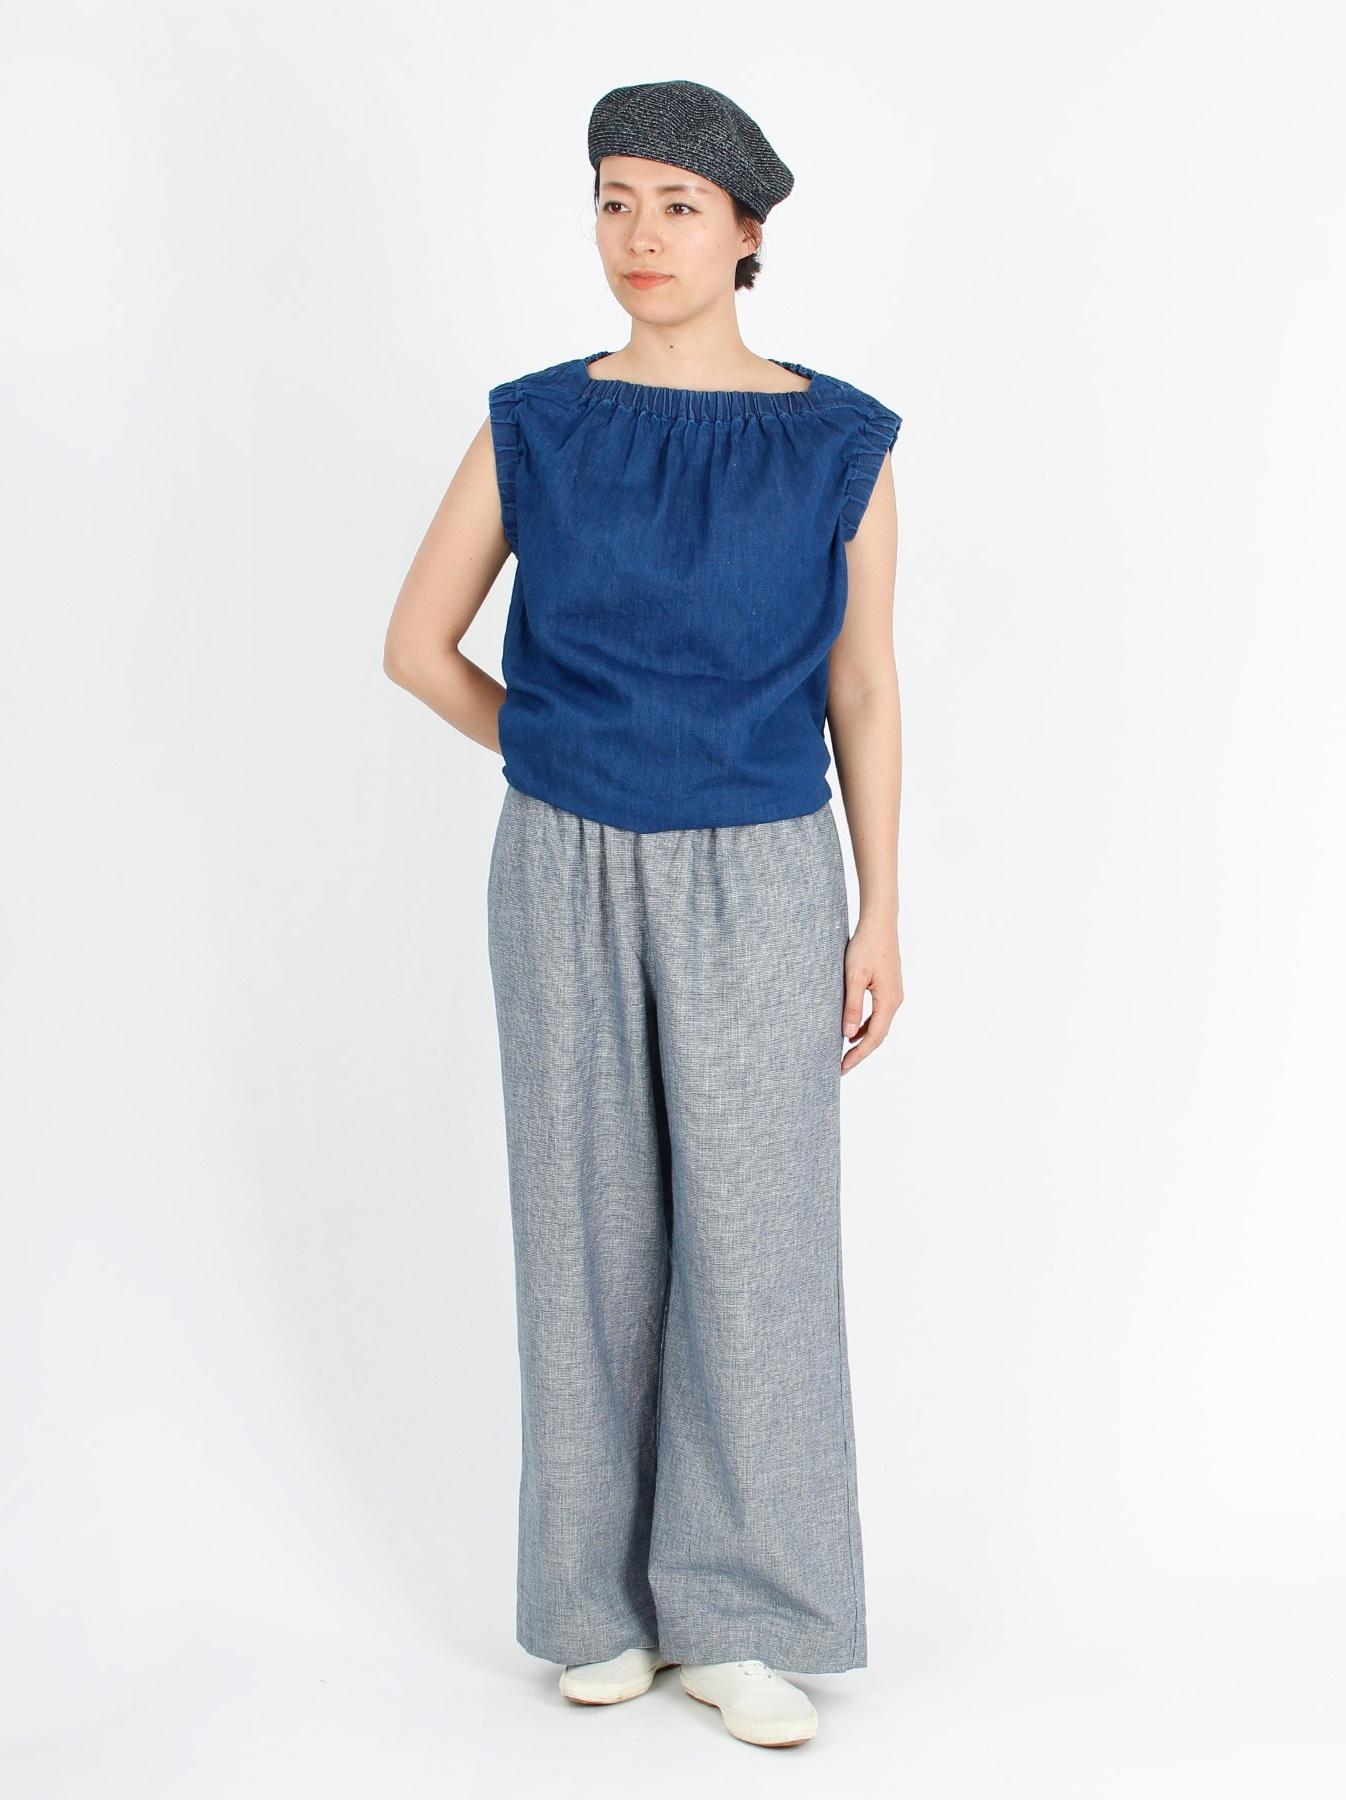 WH Cotton-linen Denim Camisole-2